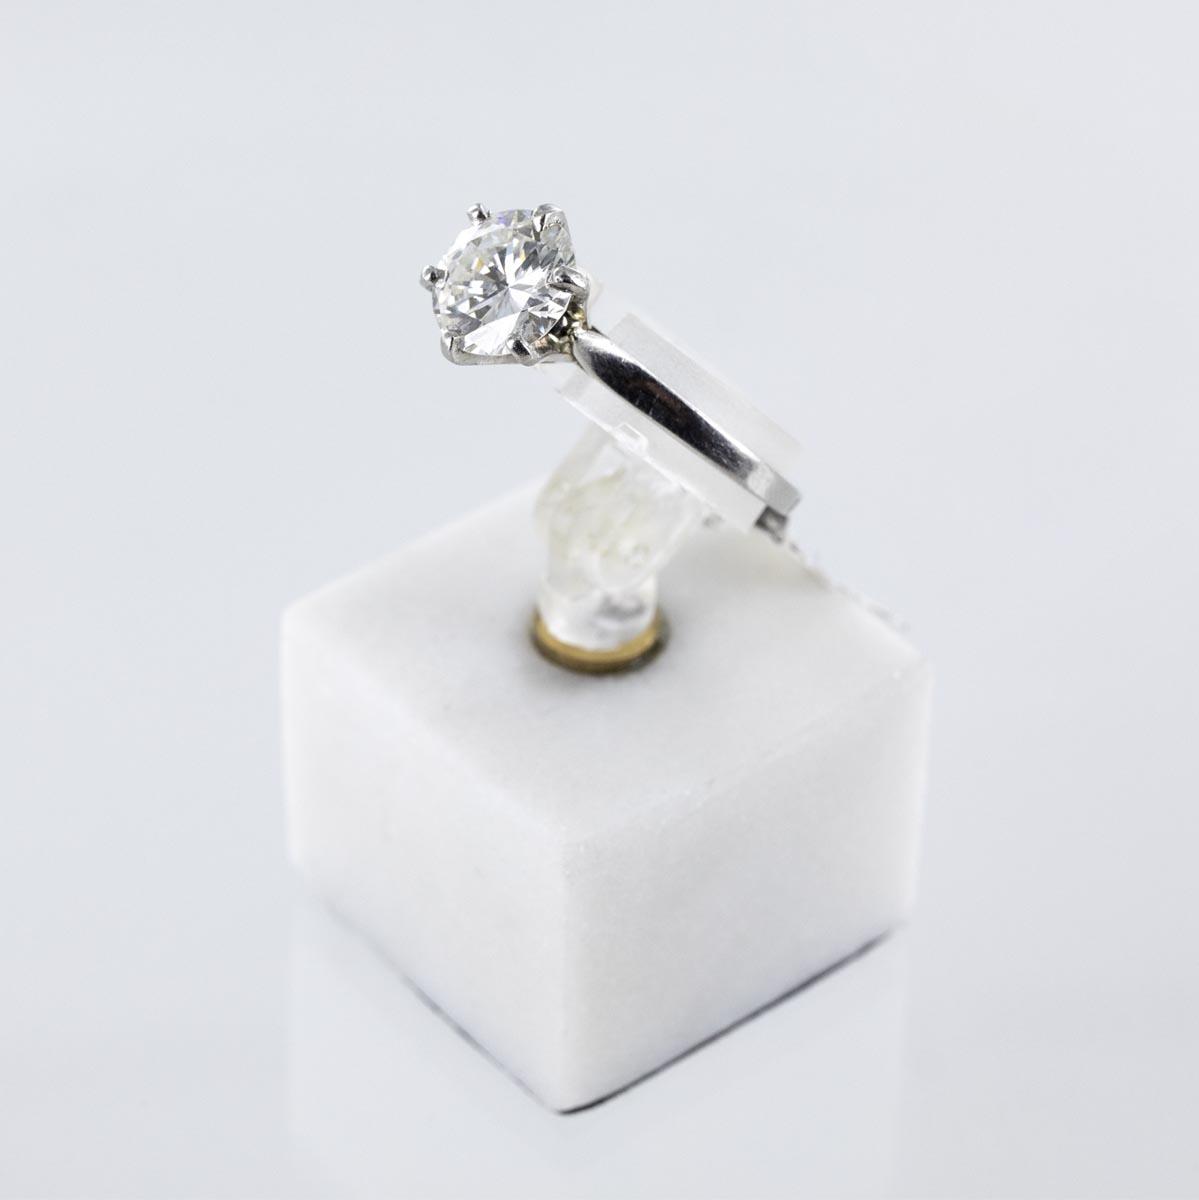 Bague solitaire diamant serti 6 griffes en or platine